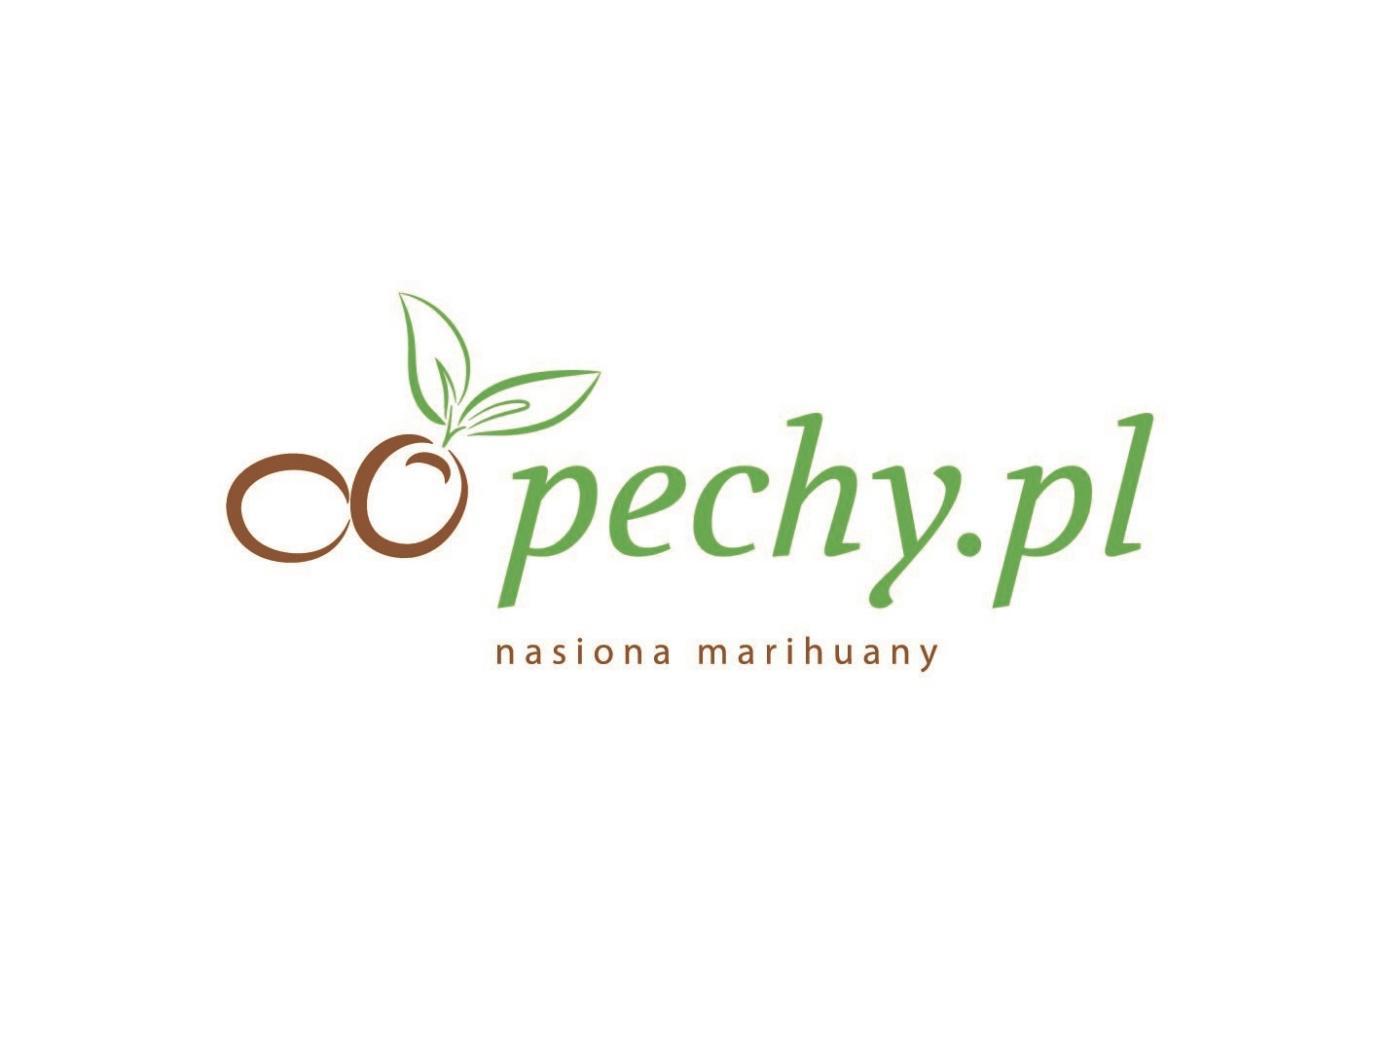 Pechy.pl nasiona marihuany